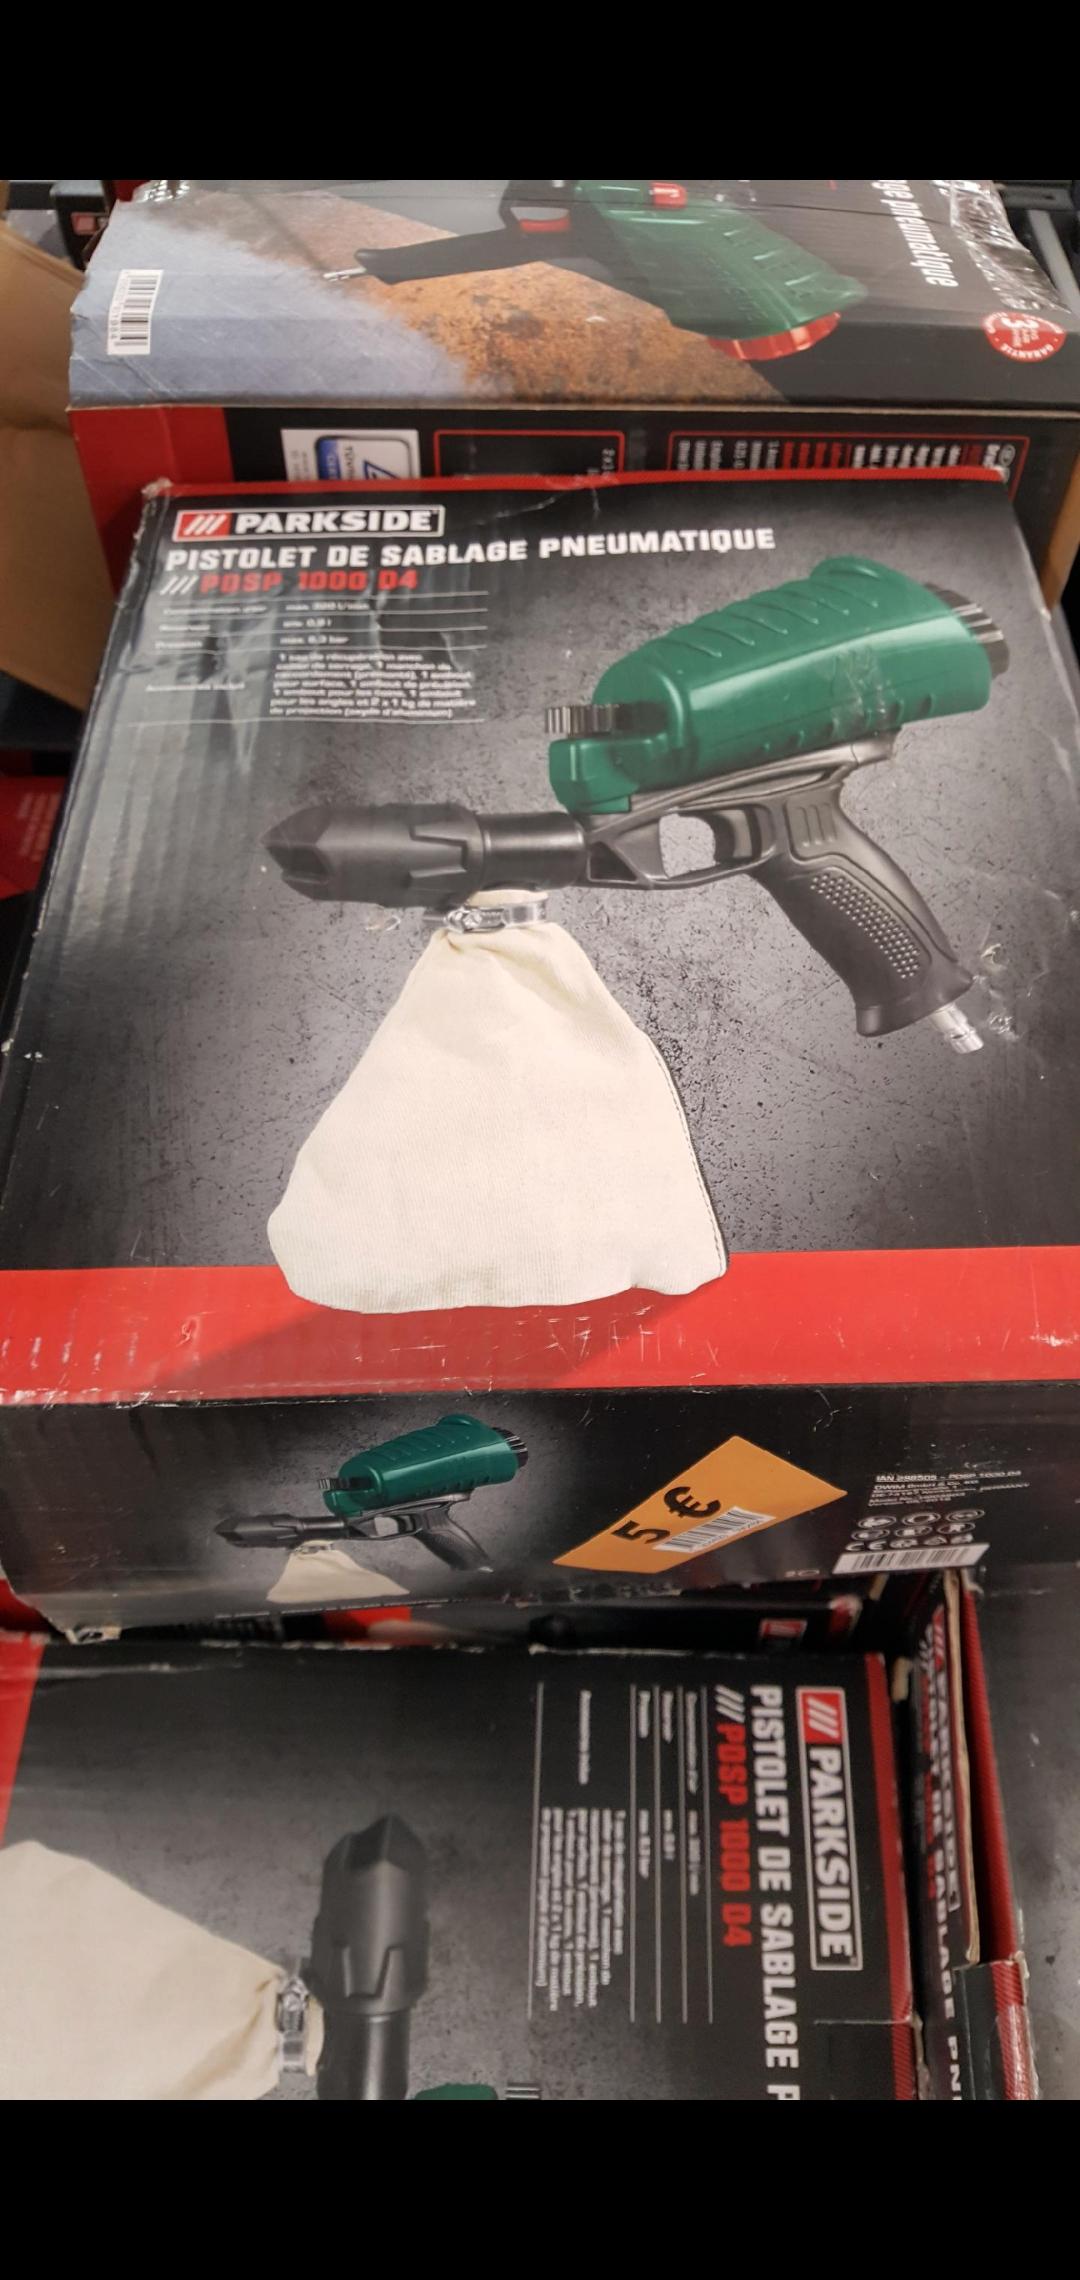 Pistolet de sablage pneumatique Parkside PDSP 1000 D4 - Douai / Waziers (59)